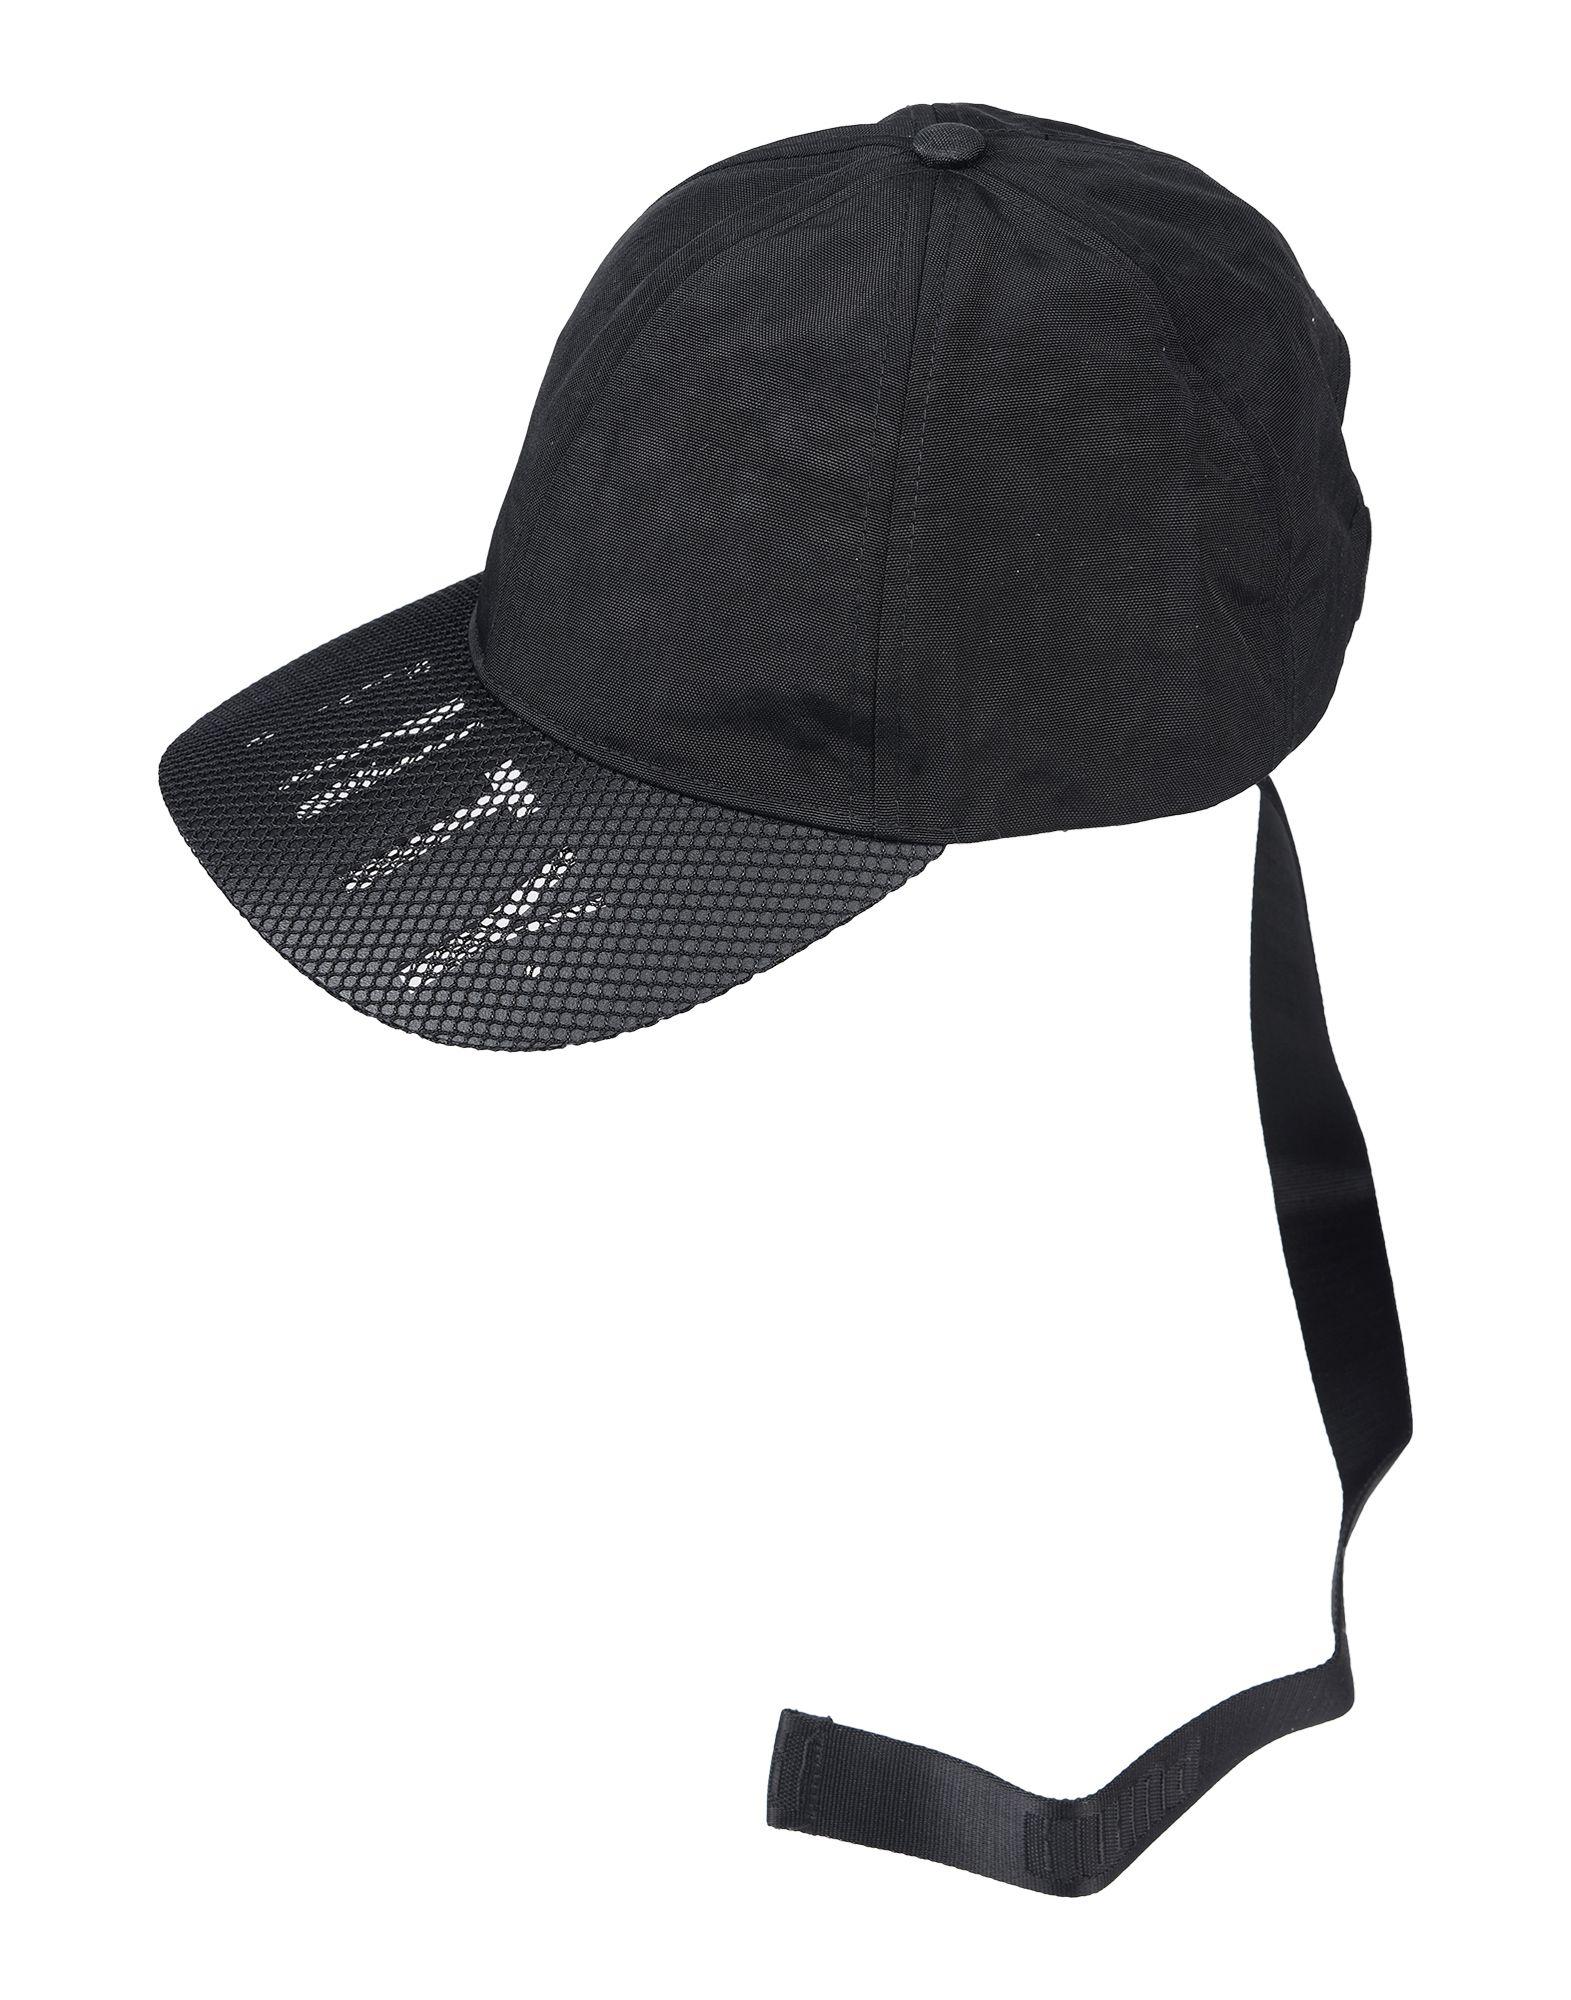 《期間限定セール開催中!》FENTY PUMA by RIHANNA レディース 帽子 ブラック one size ナイロン 100%